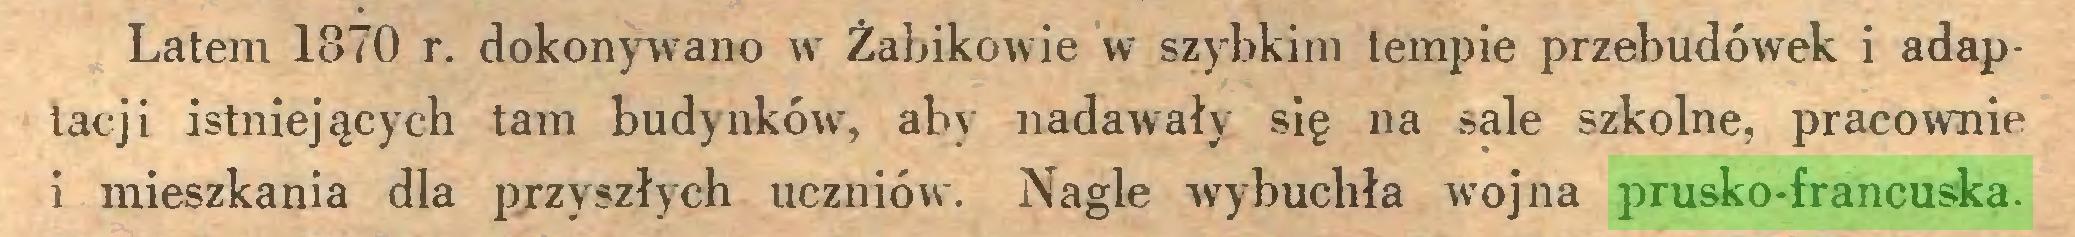 (...) Latem 1870 r. dokonywano w Żabikowie w szybkim tempie przebudówek i adaptacji istniejących tam budynków7, aby nadawały się na sale szkolne, pracownie 1 mieszkania dla przyszłych uczniów. Nagle wrybuchła wojna prusko-francuska...